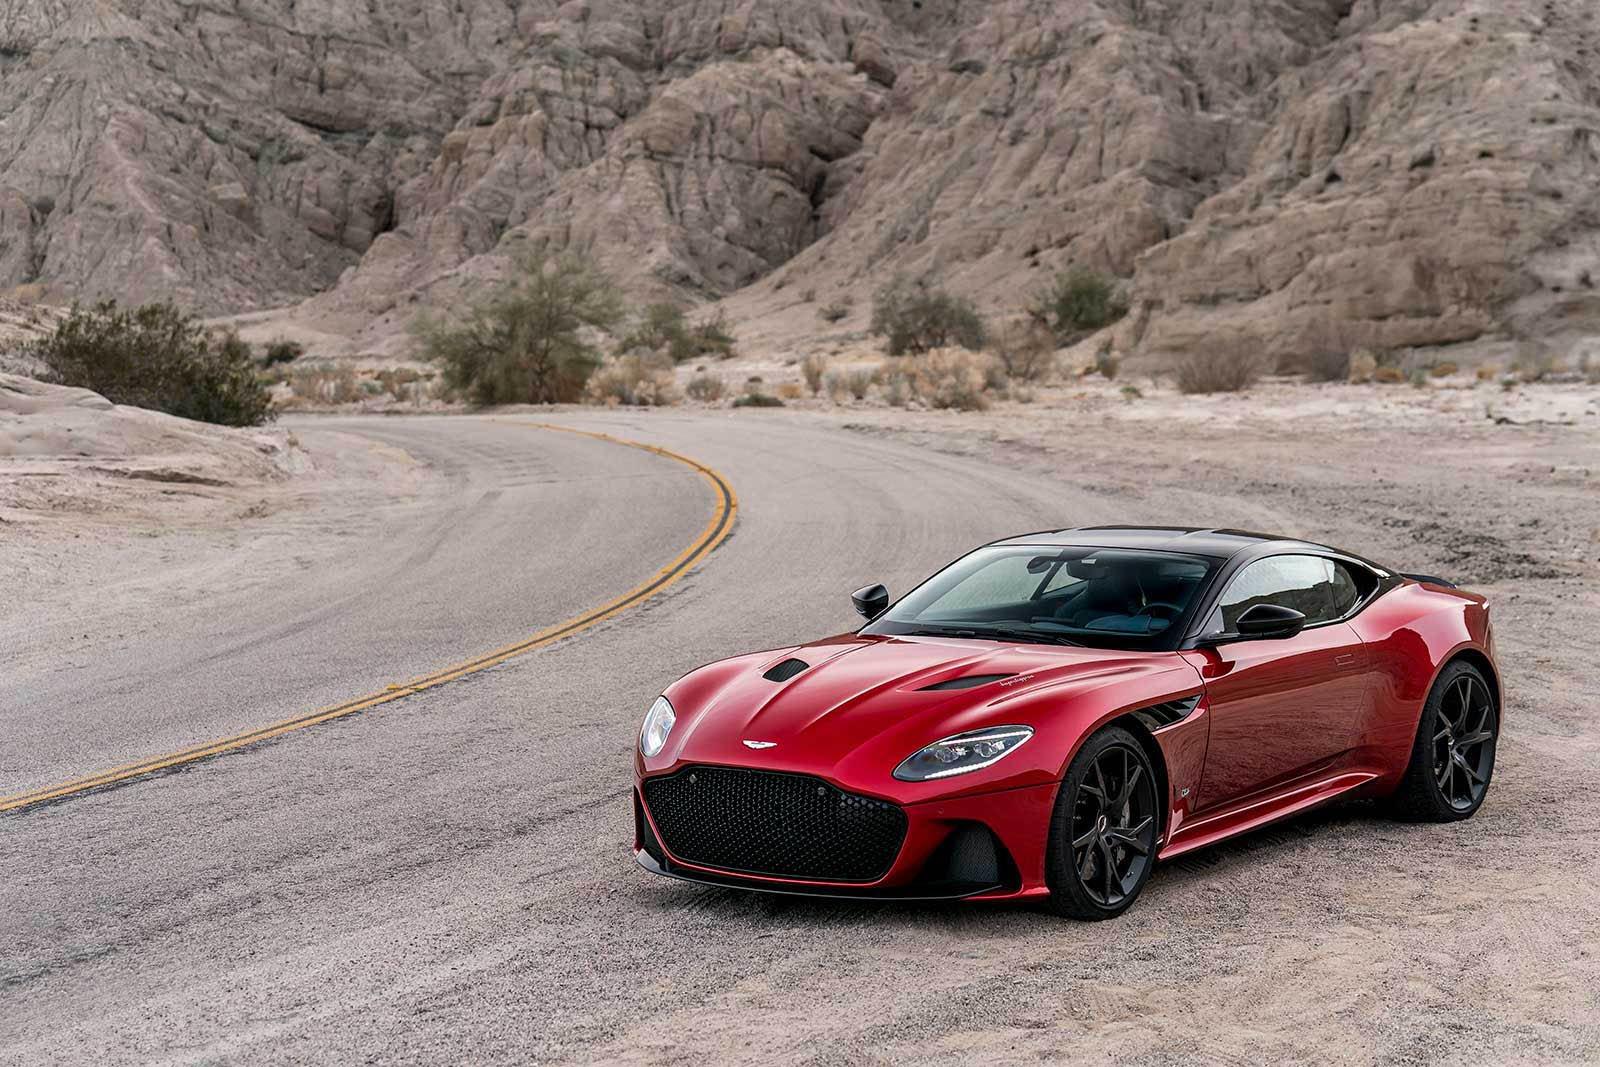 Aston Martin DBS Superleggera 2019 (9)